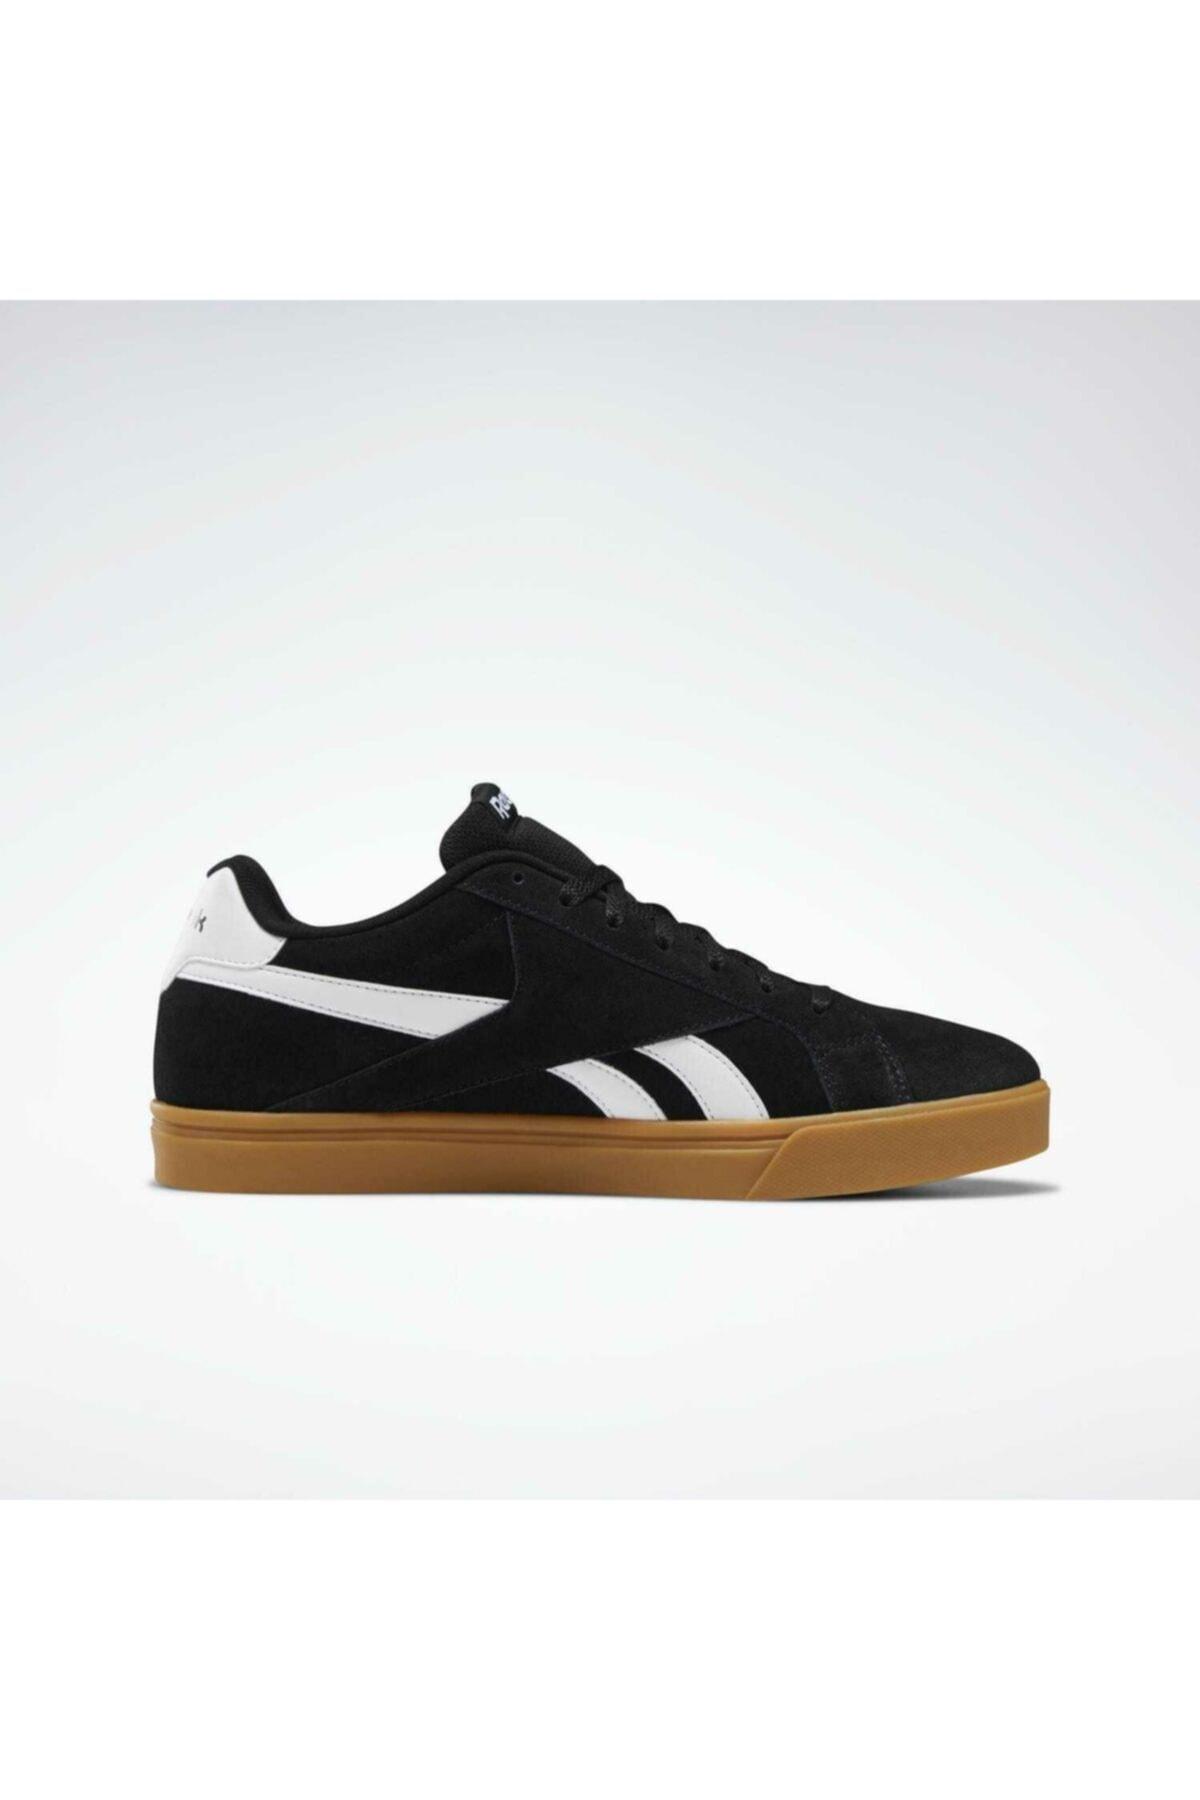 Reebok Dv8343 Kadın Siyah Günlük Spor Ayakkabı 2